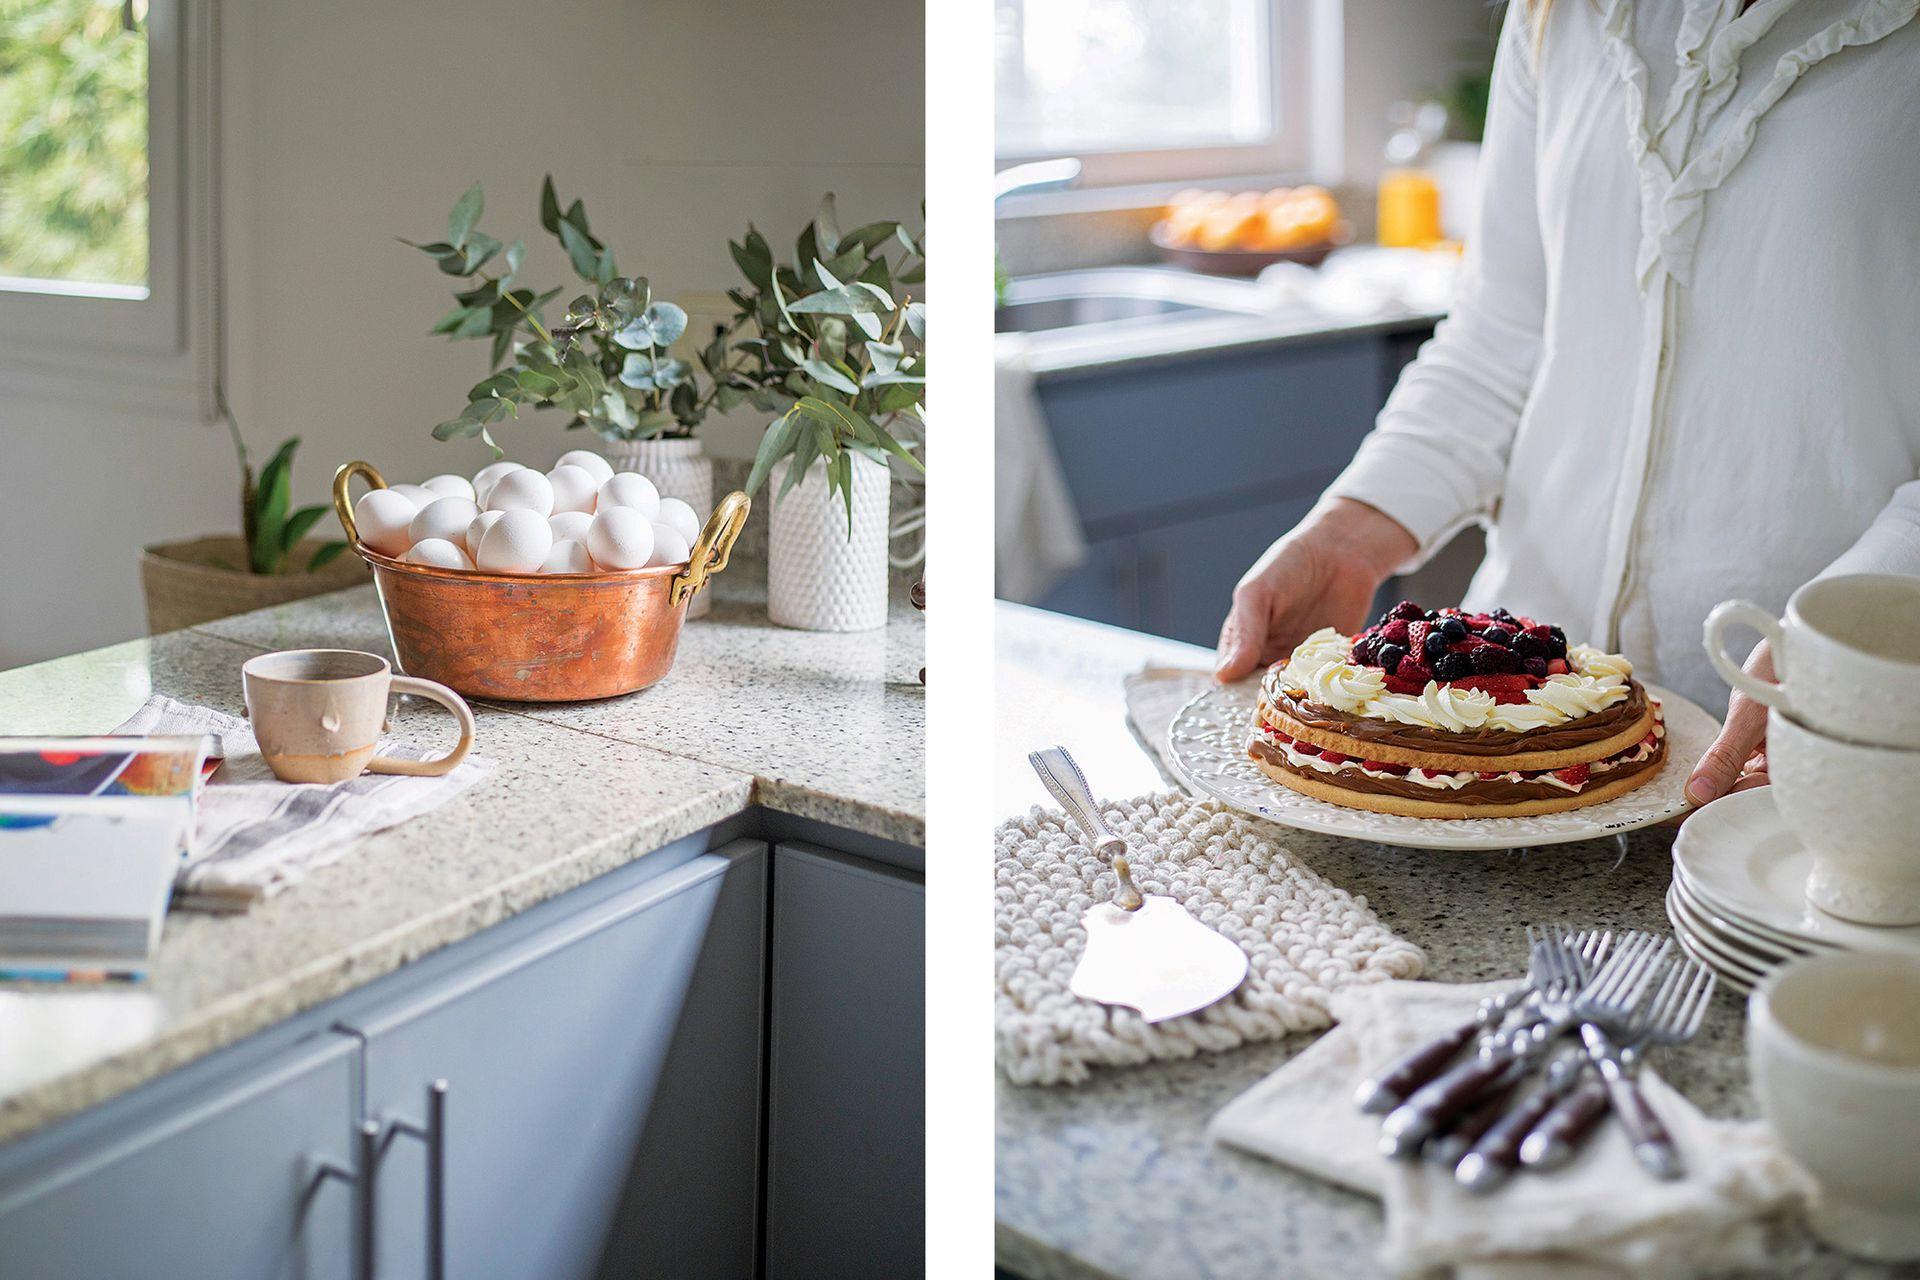 Tentadora, una torta 'Doble Tentación de Frutos Rojos' (Trini Marieta Pastelería). Apoyafuentes de hilo tejido a mano y servilletas de lienzo lavado (Agustina Cerato Deco). Cubiertos (L'Interdit). Tazas y platos de cerámica (Barral Casa).